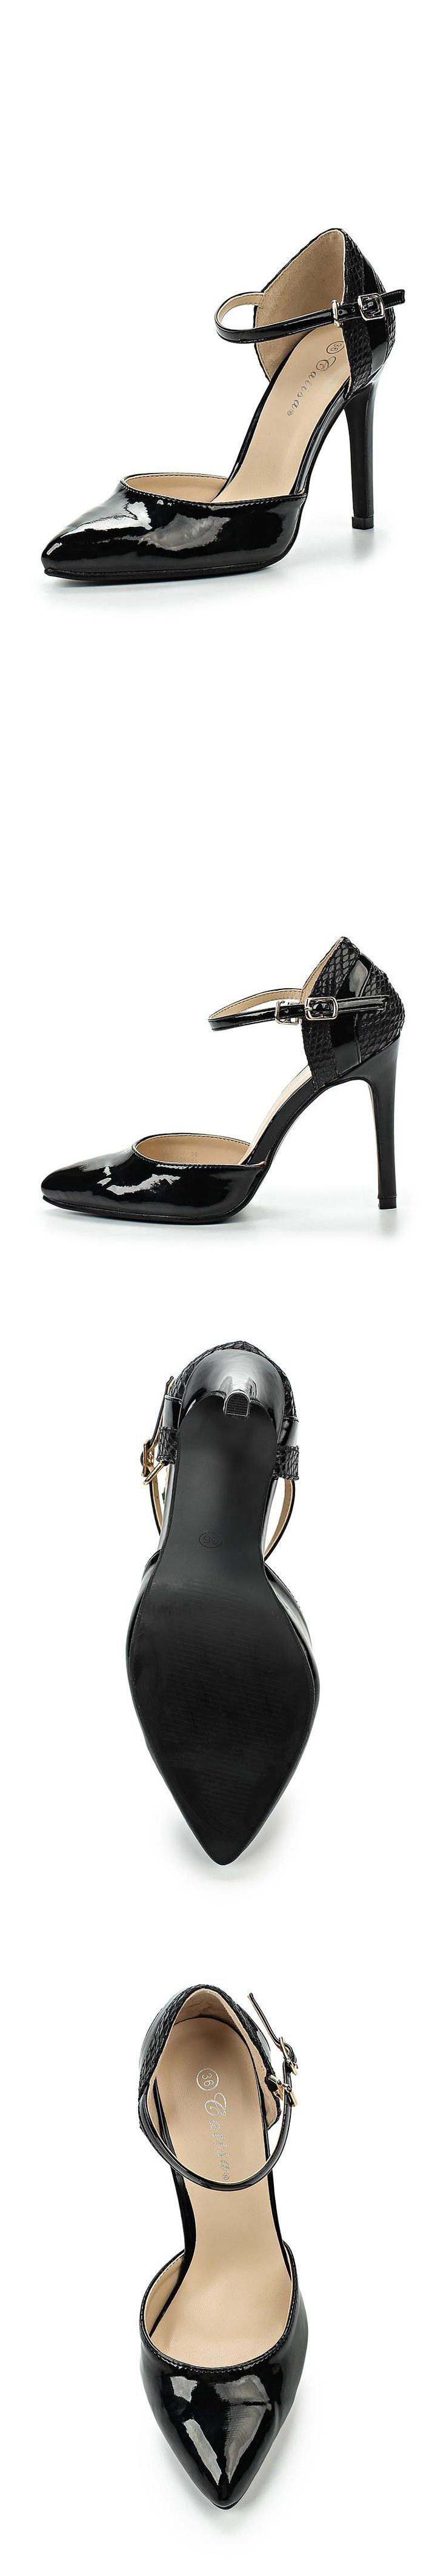 Женская обувь туфли Catisa за 1950.00 руб.